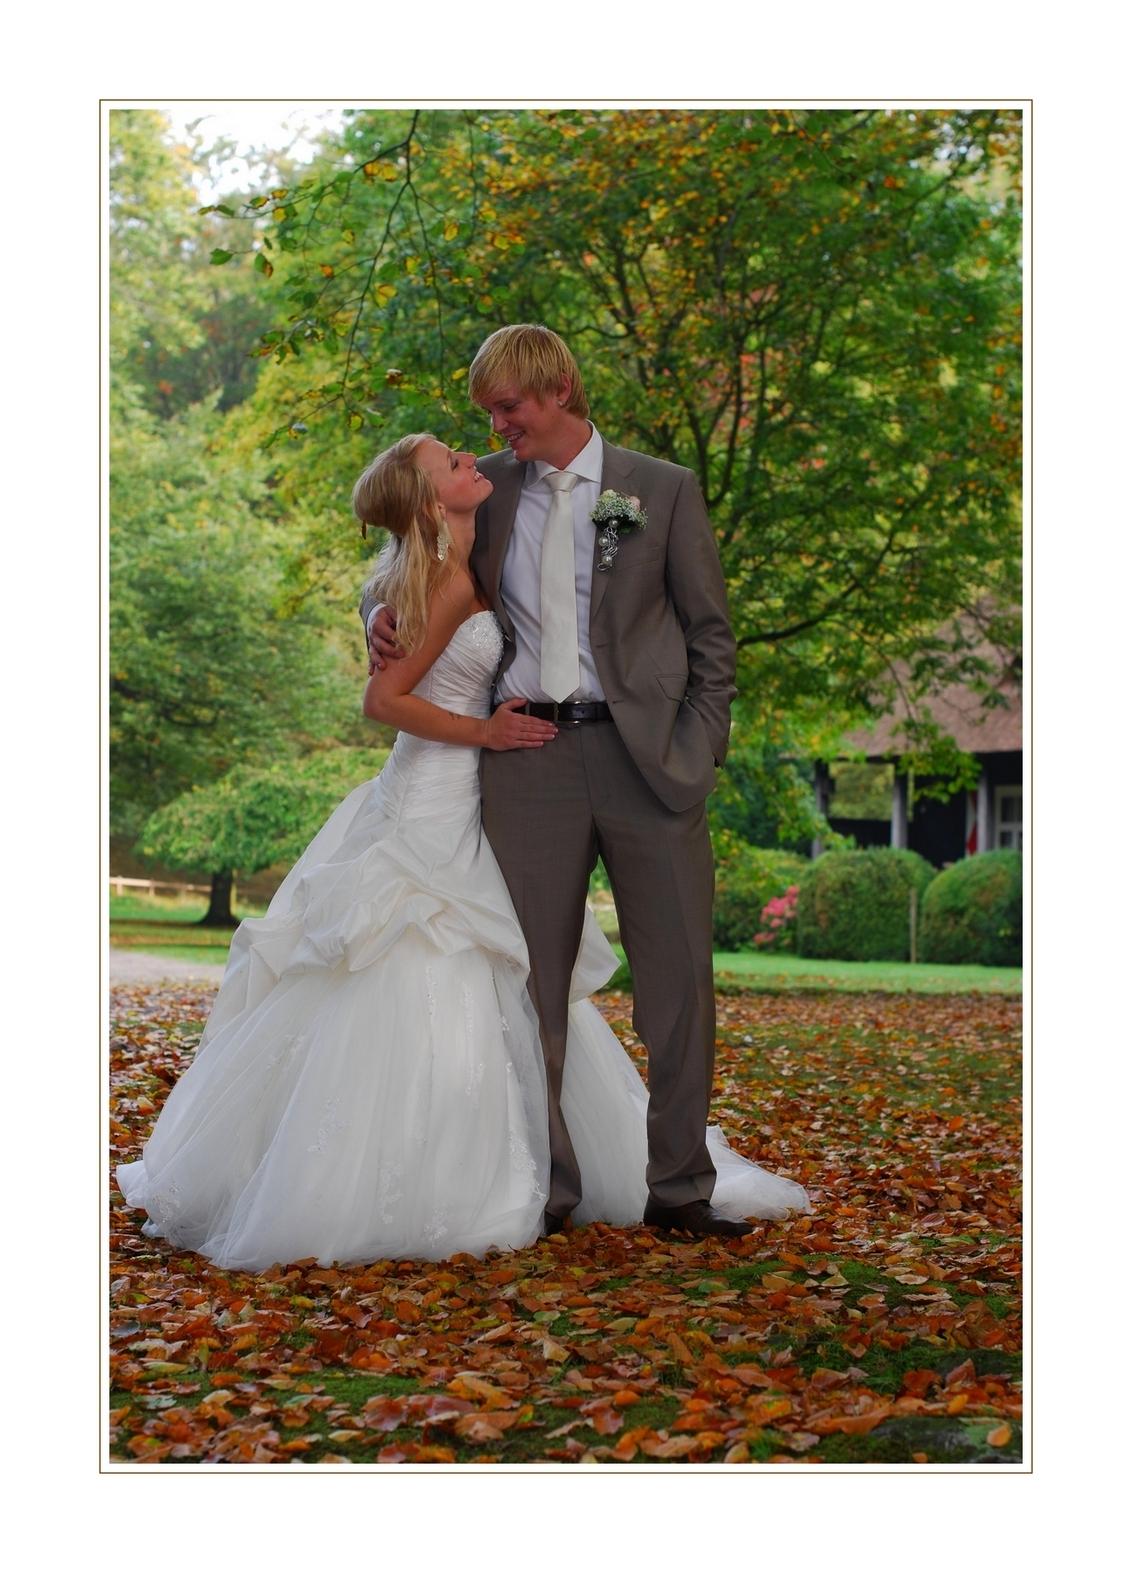 Herfst bruiloft - Wederom op Landgoed Clingendael prachtig weer .Mede door het licht wat ook gefilterd werd door de bomen achter mij ,komen de herfstkleuren hier prima - foto door XIANG op 24-11-2010 - deze foto bevat: herfst, bruiloft.clingendael